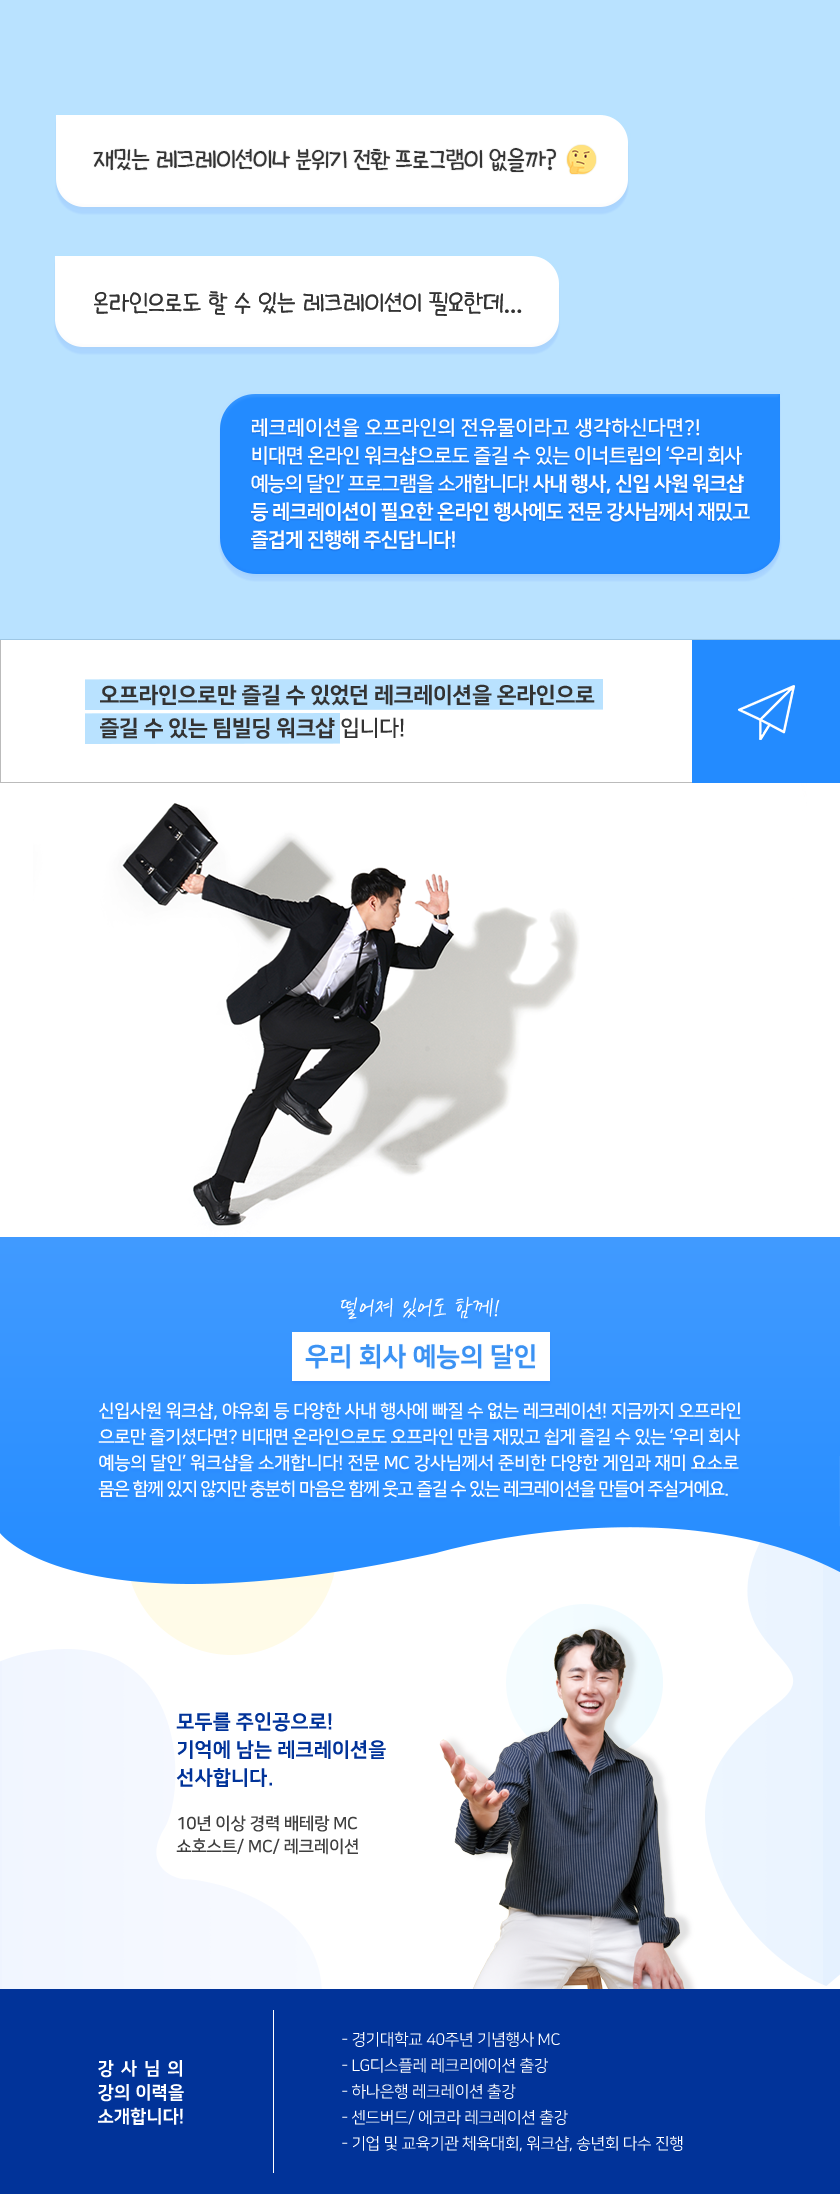 우리 회사 예능의 달인 상세소개 | 이너트립